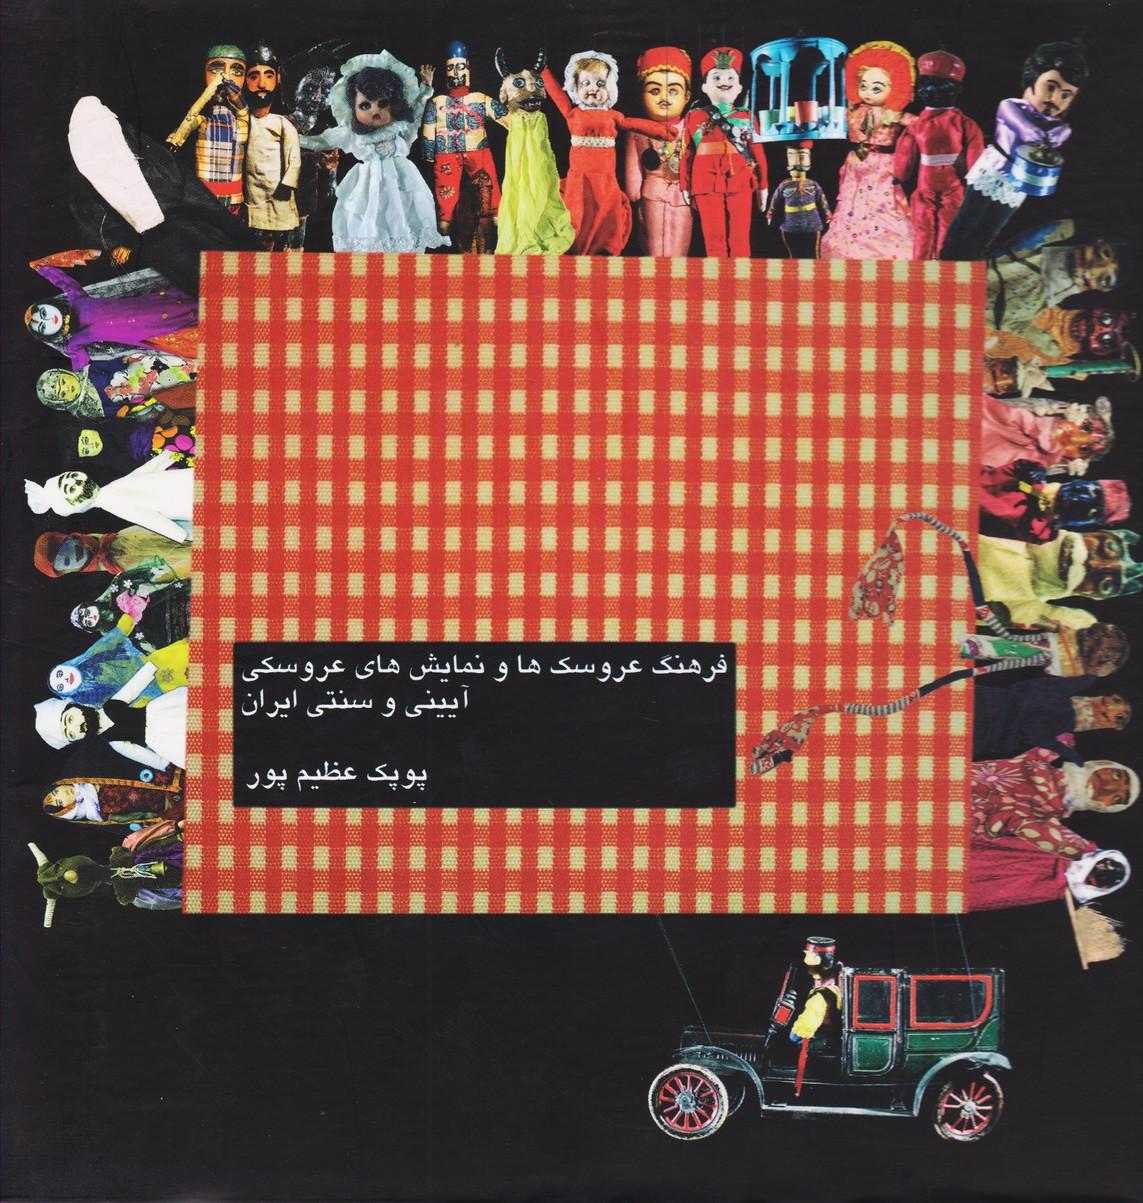 فرهنگ عروسک ها و نمایش های عروسکی آیینی و سنتی ایران